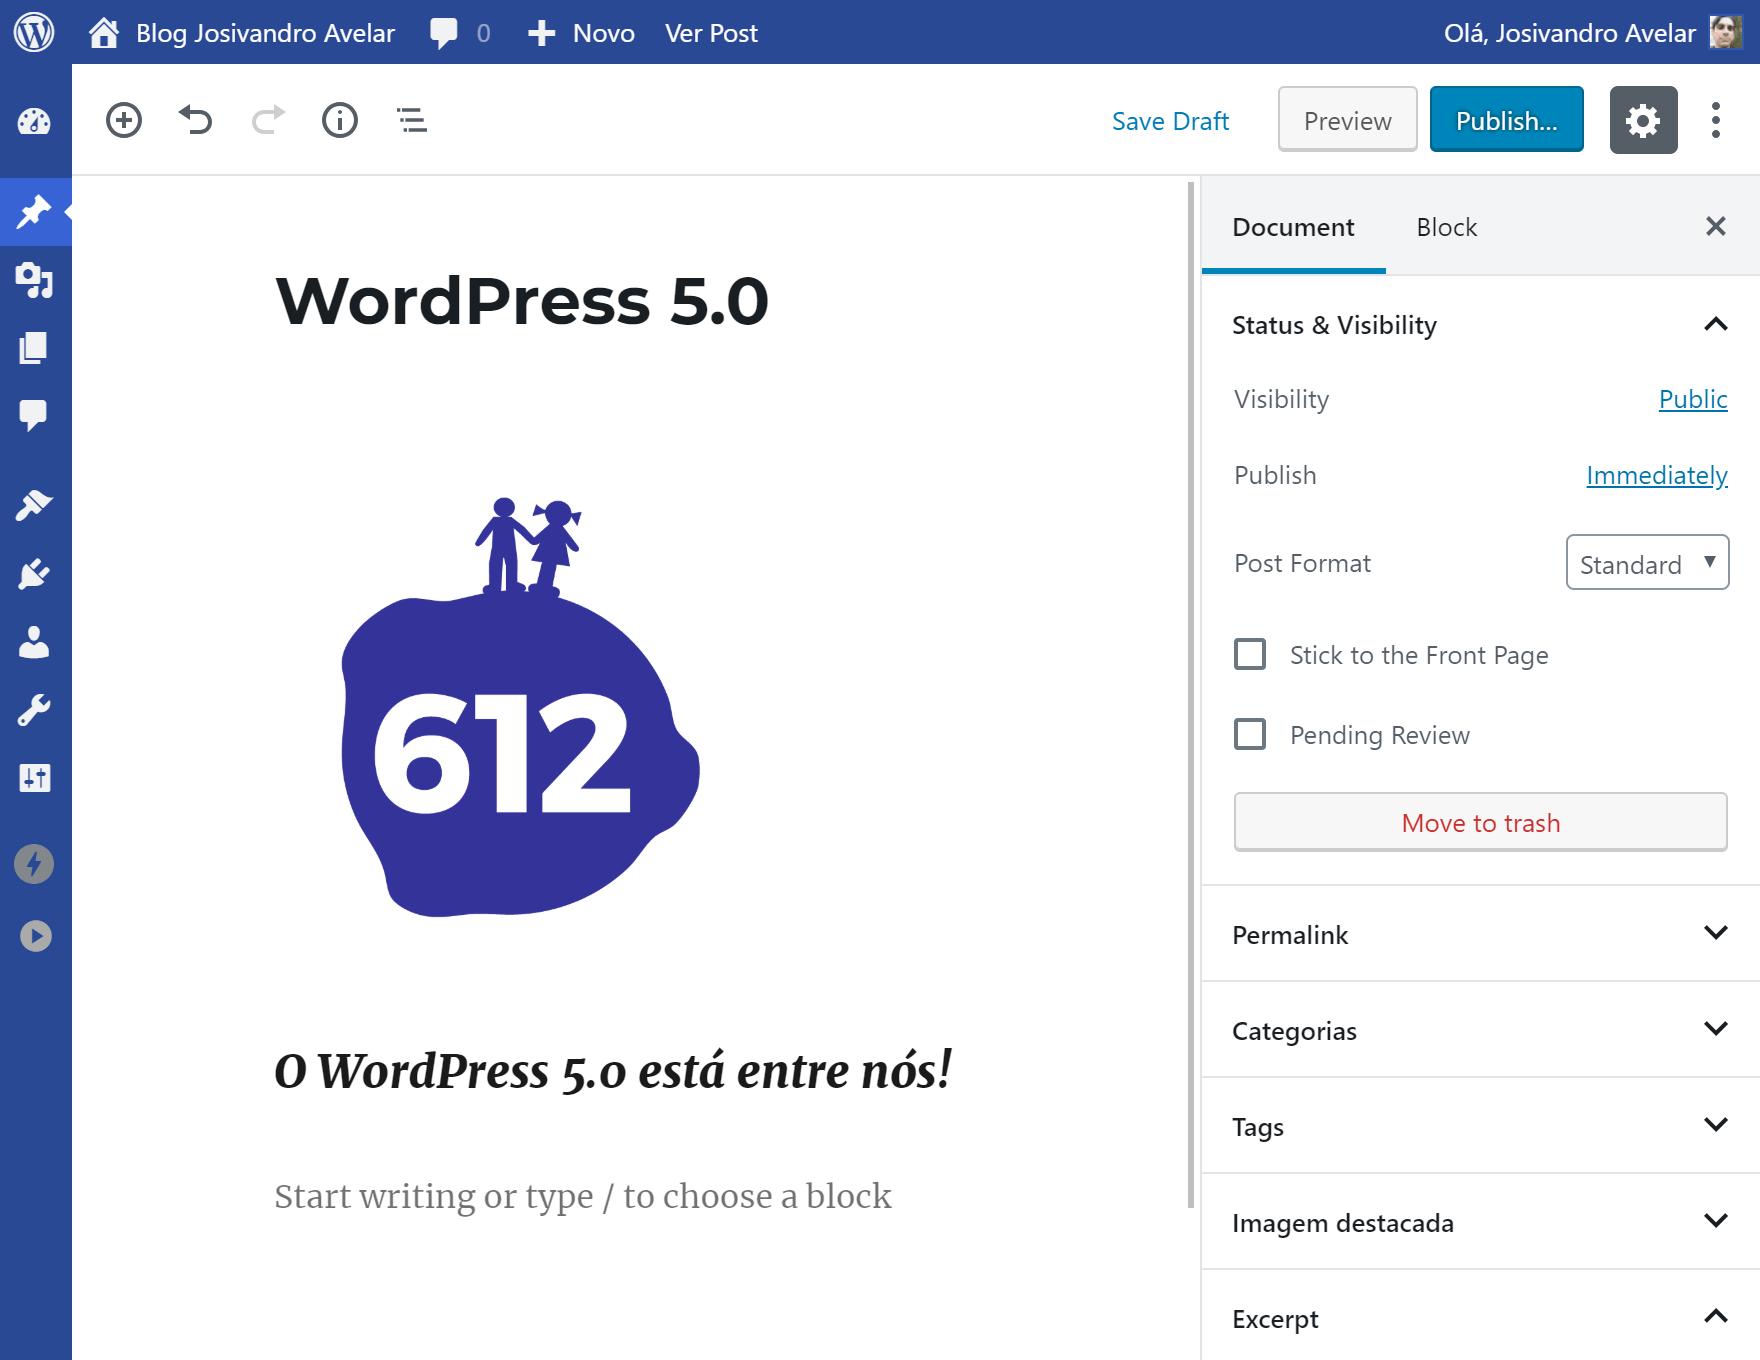 O WordPress 5.0 está entre nós